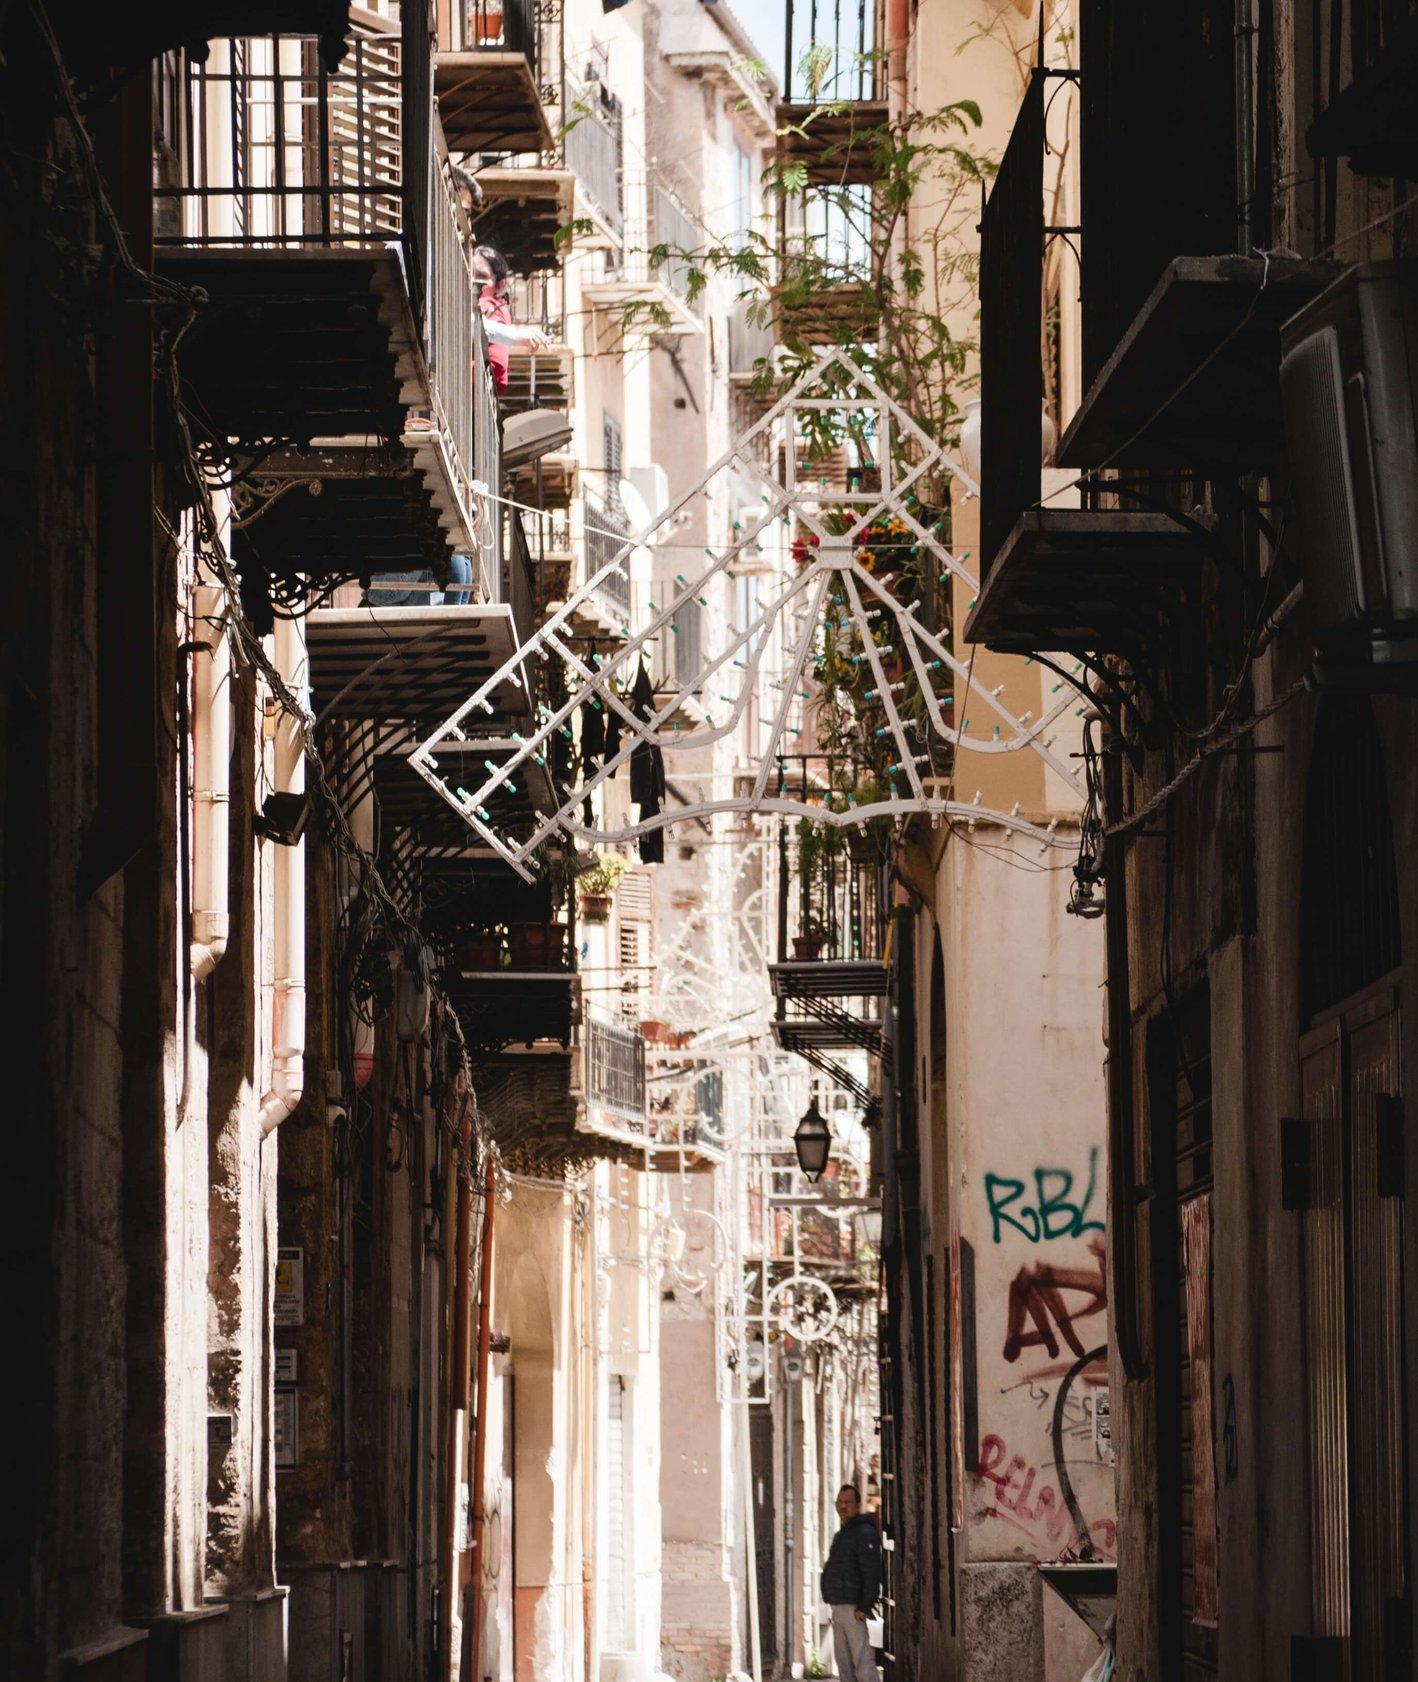 Zdjęcie uliczki Palermo (fot. Yuliyan Kosolapova)